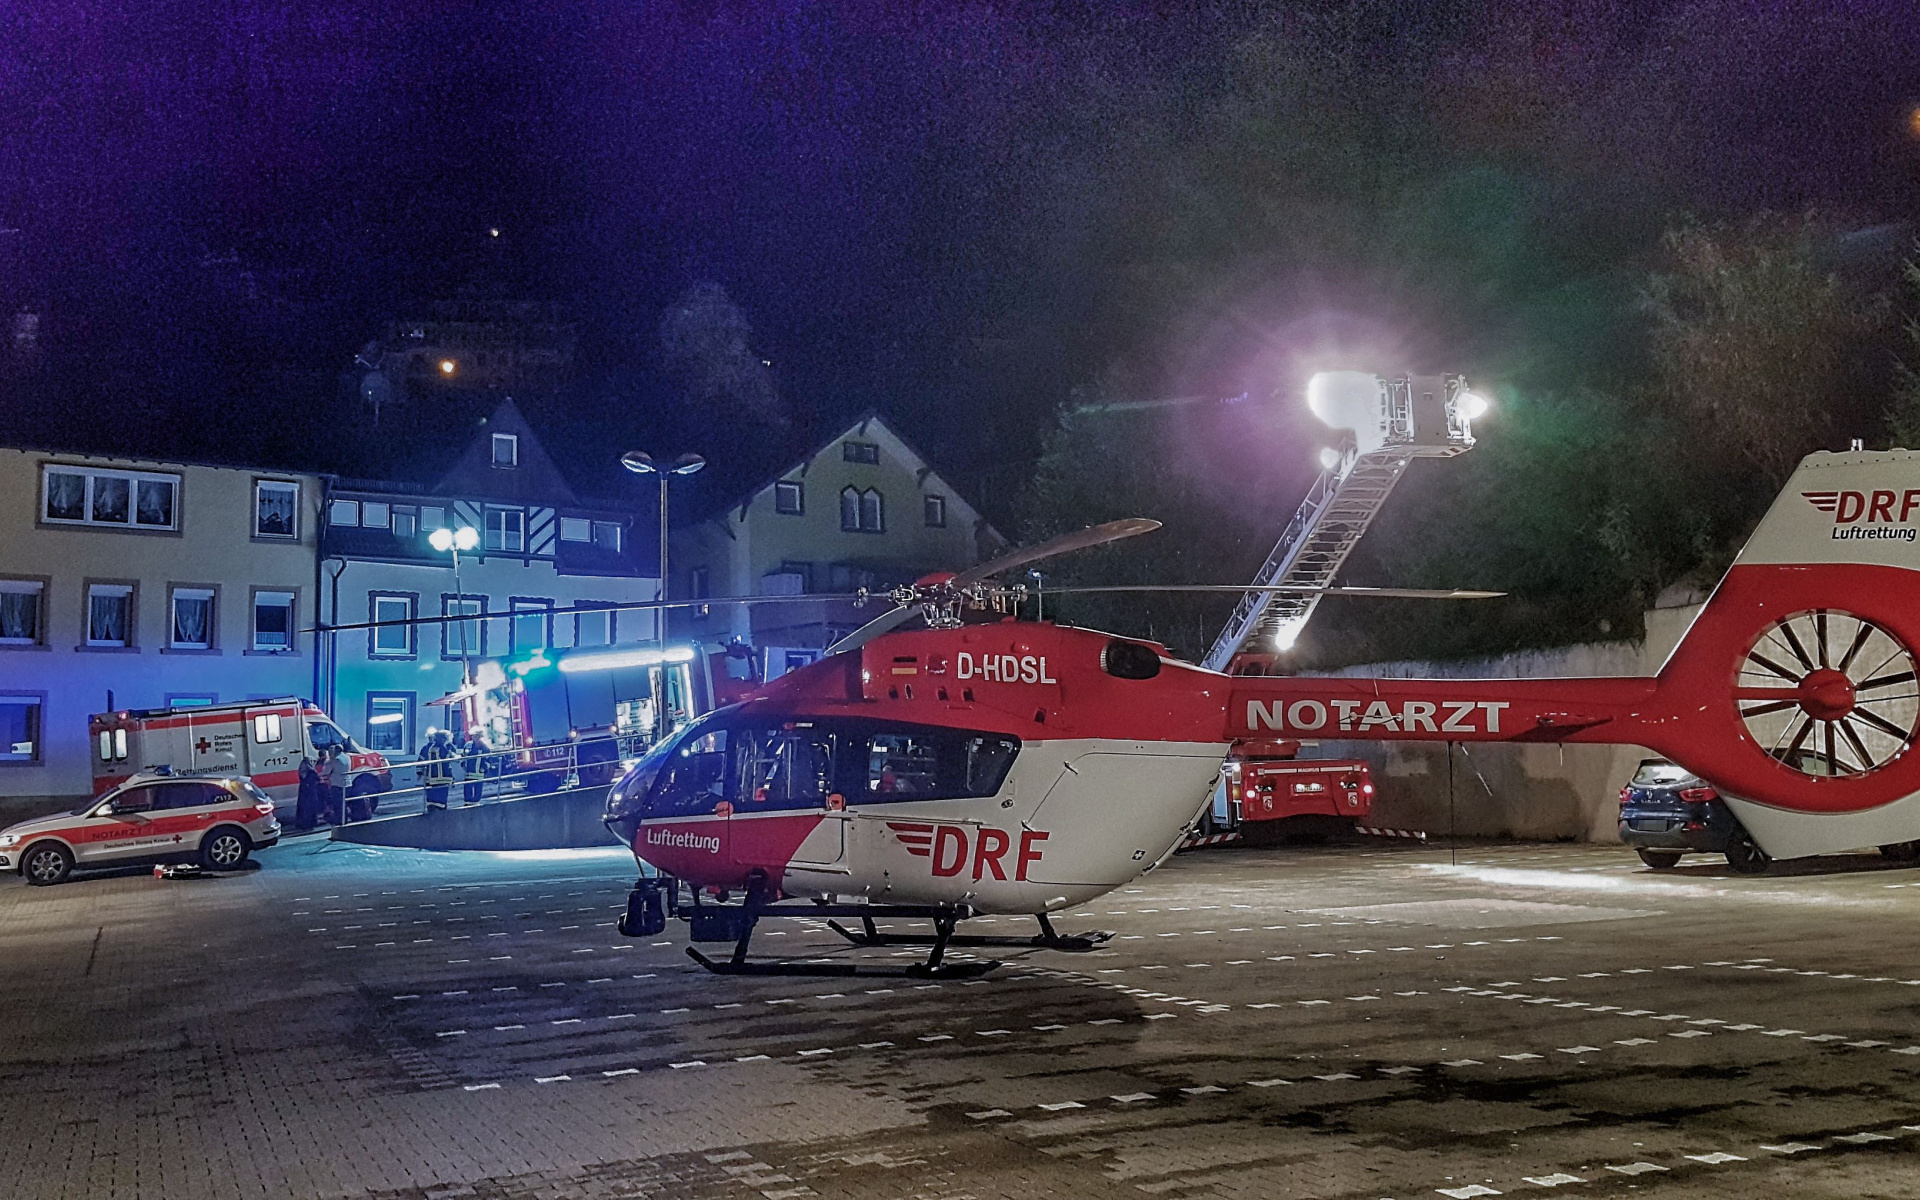 Kleinkind in Lebensgefahr: Christoph 11 der DRF Luftrettung landet auf einem Parkplatz in Triberg.